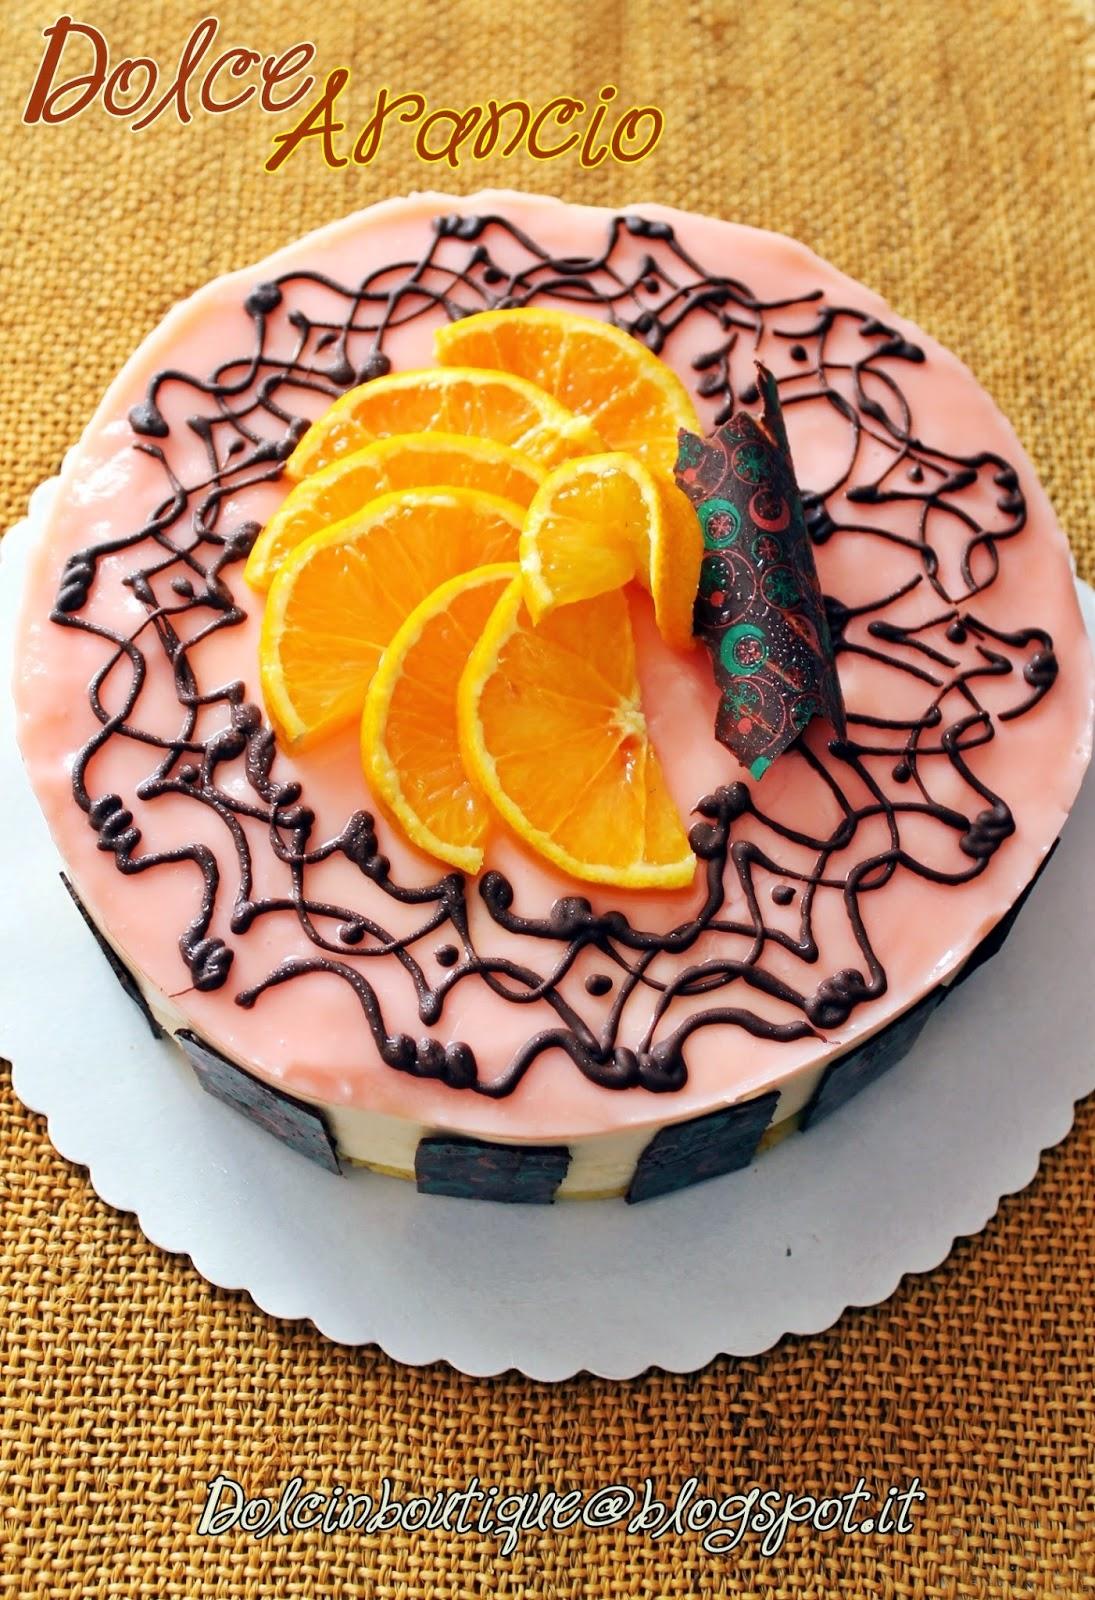 dolce arancio insieme all' airc